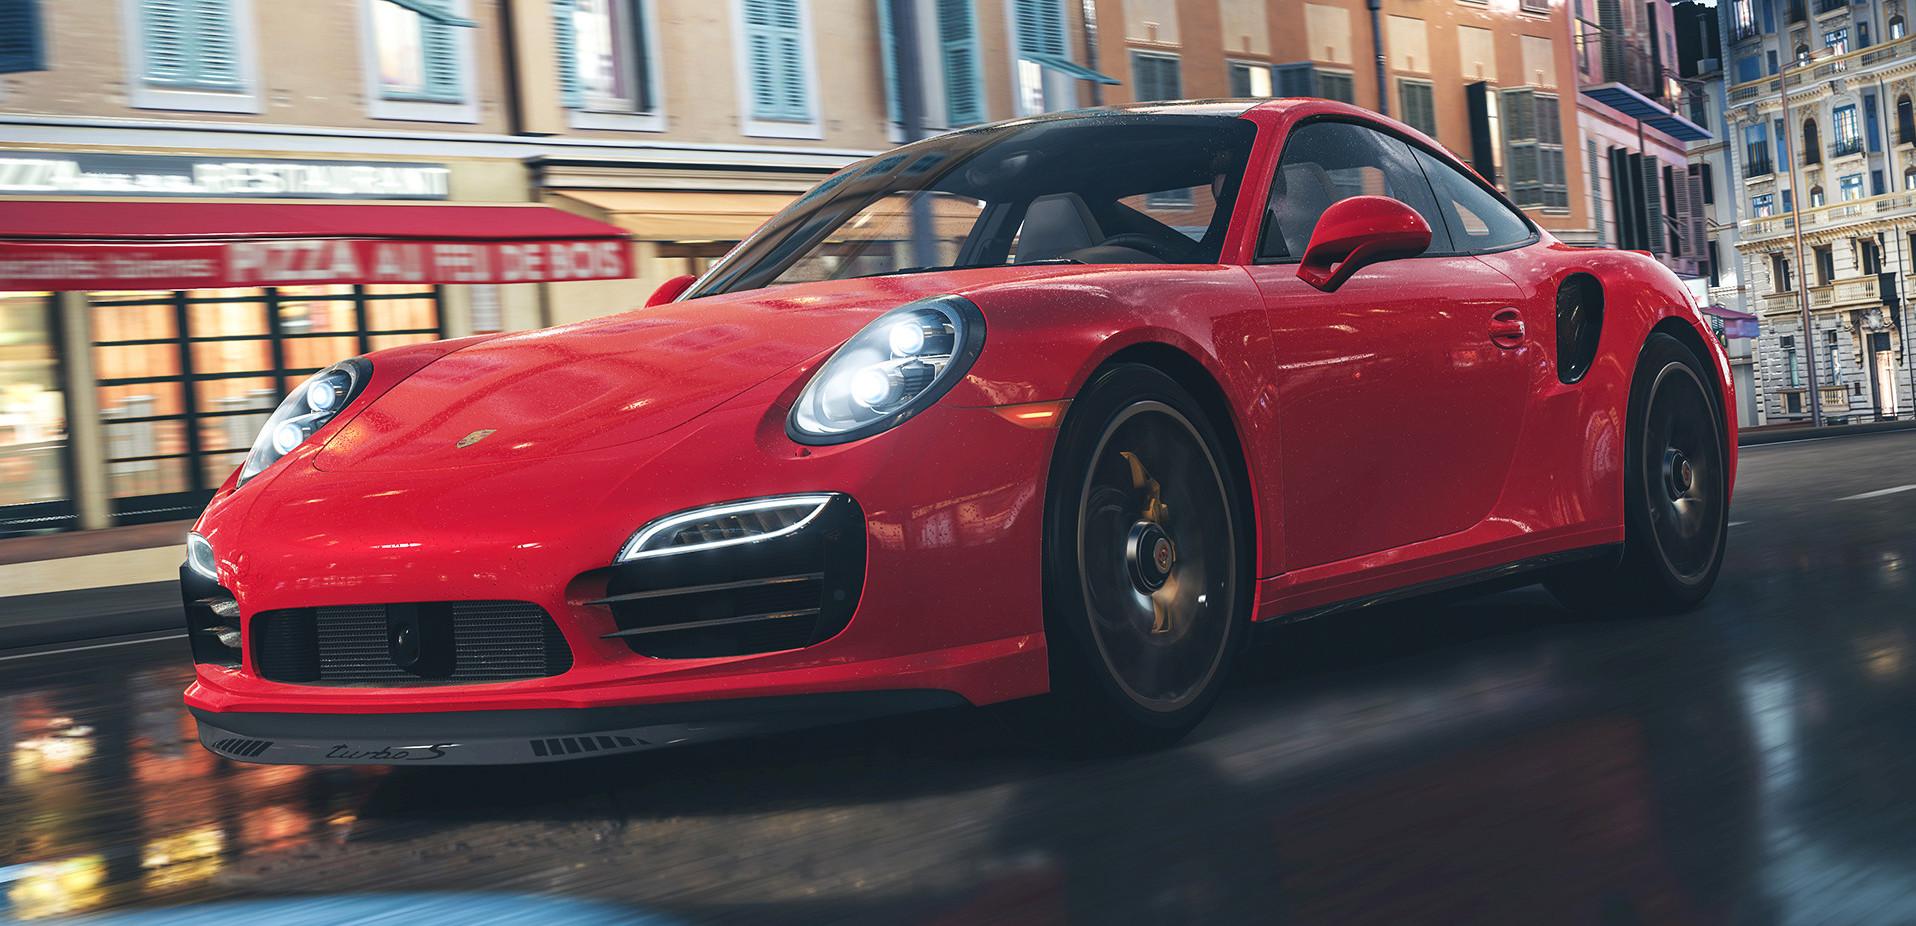 Porsche - Forza Horizon 2